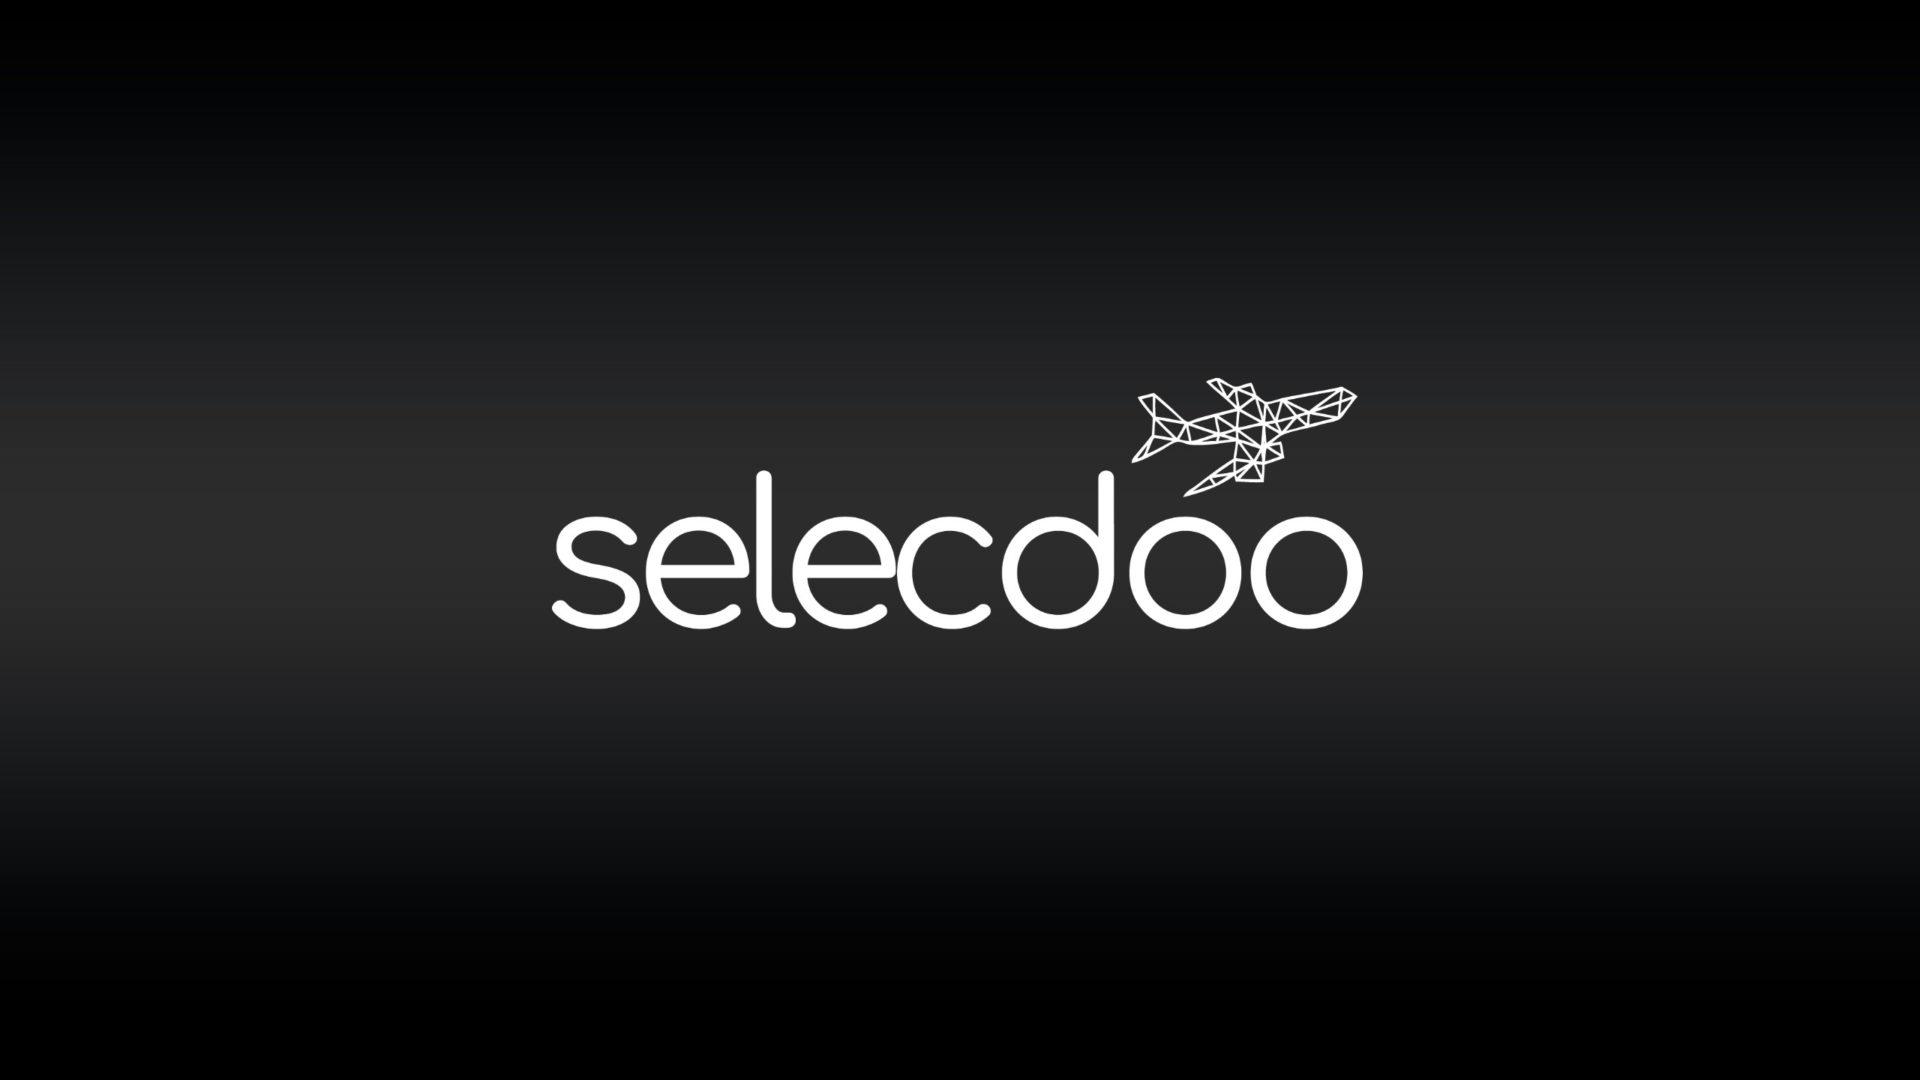 Selecdoo - Das Affiliate Marketing Netzwerk für die Reisebranche